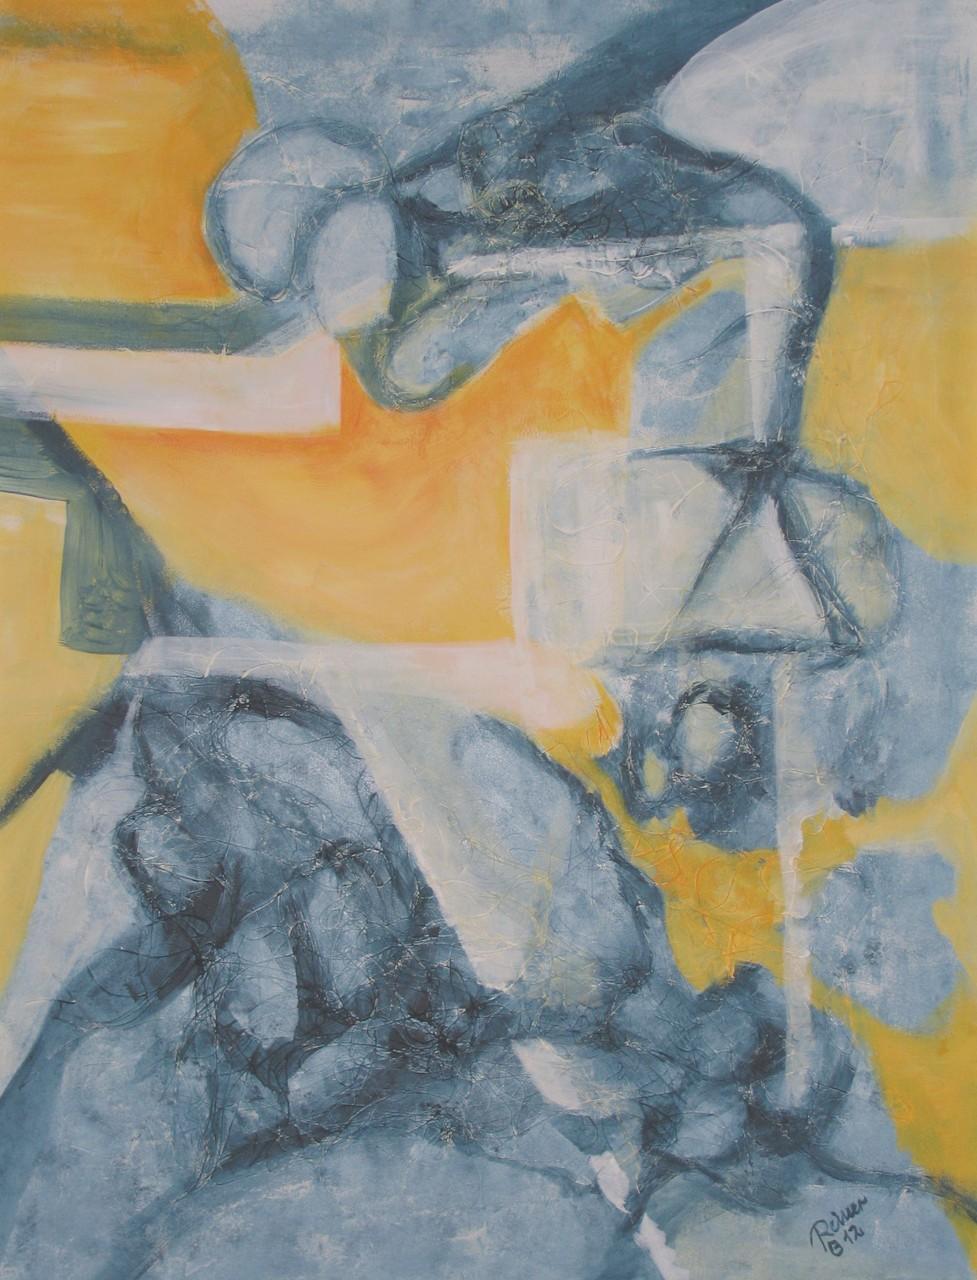 Der Sprung, Acryl, Kunstfaser auf Holz, 70 x 50 cm